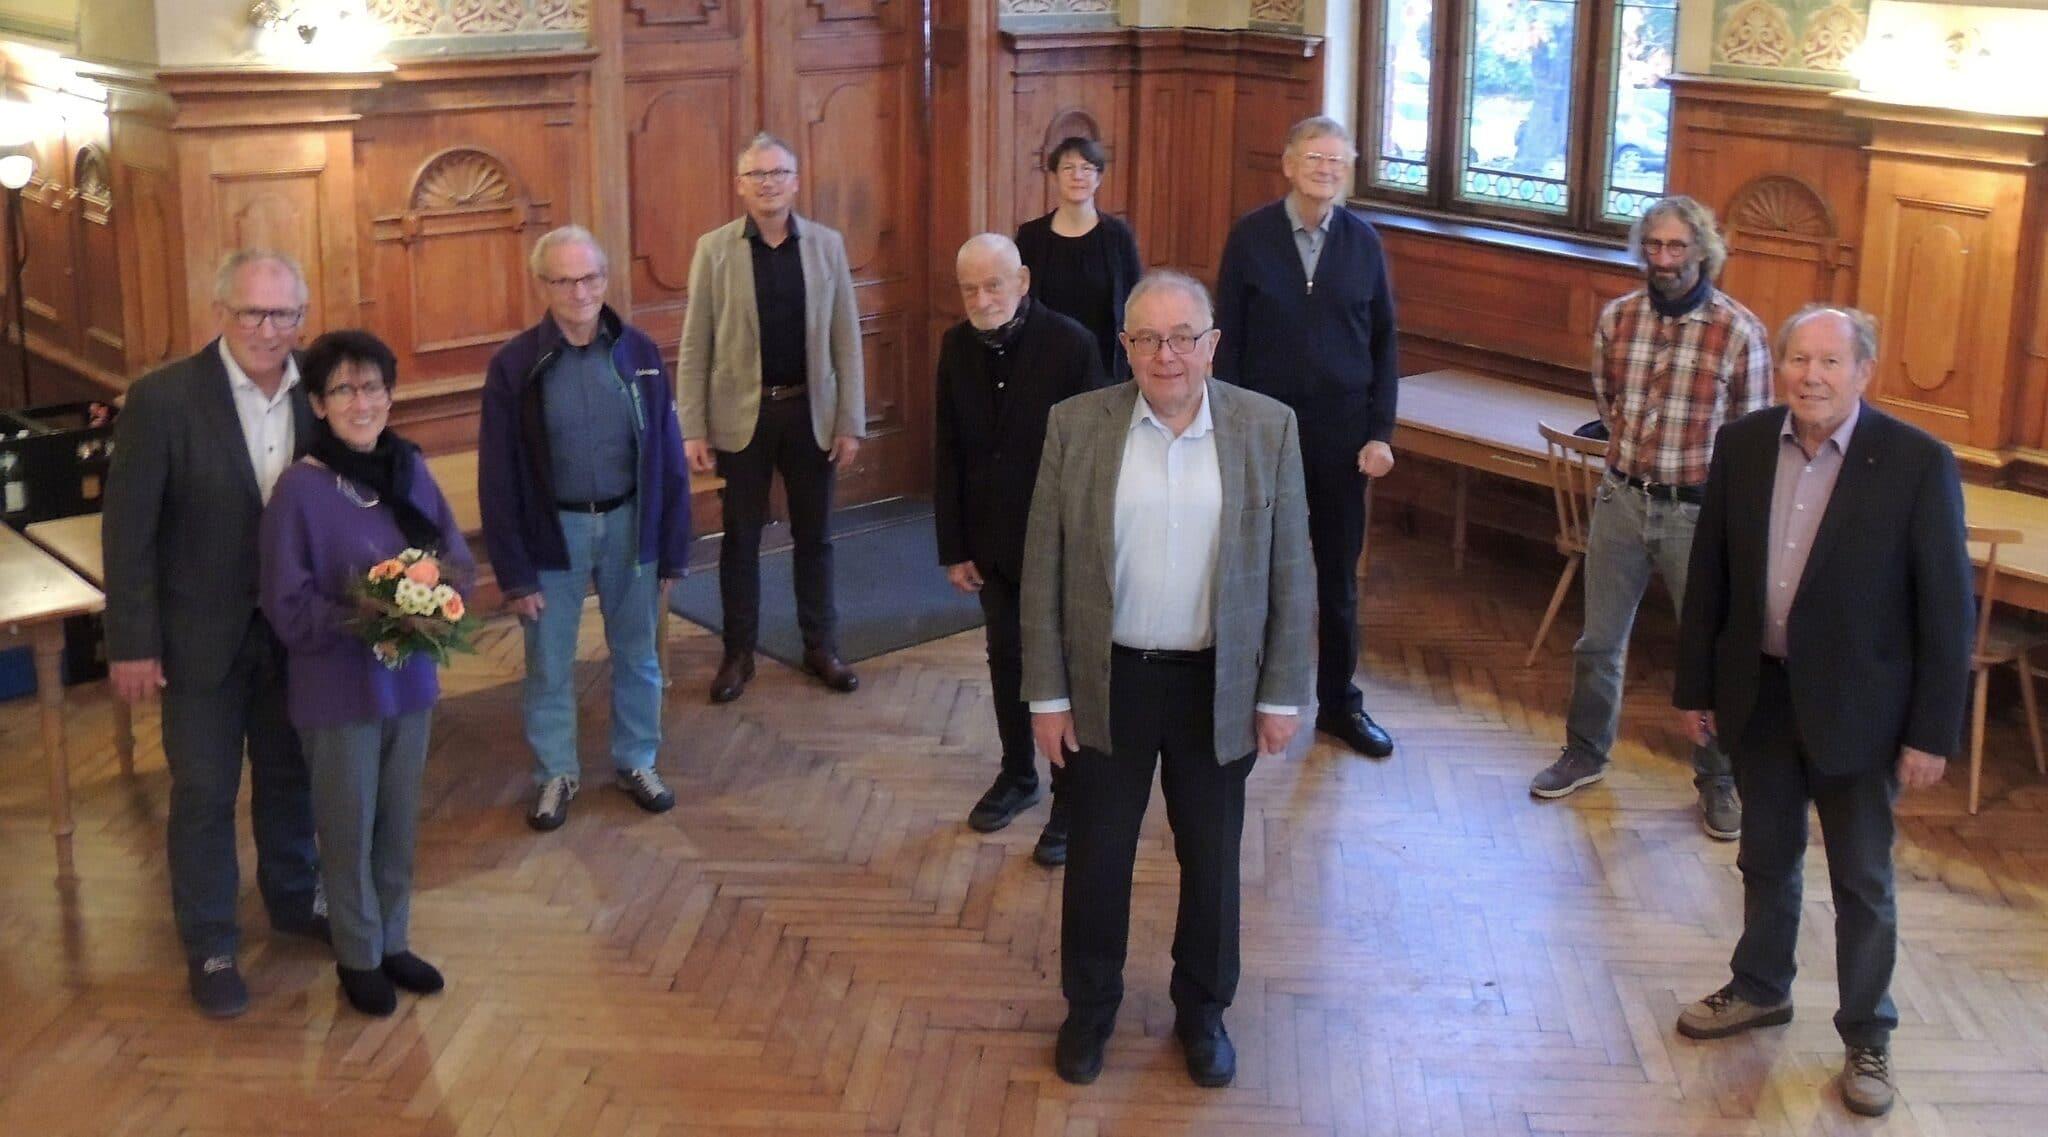 Im Hintergrund Rudolf Mager, 1. Vorsitzender und Stefanie Arnold, 2. Vorsitzende; von links: Herbert und Ute Bühler, Gebhard King, Elmar Schmucker, Anton Stier, Meinhart Gericke, Reiner Hils und Bernd Eberhardt. Foto: pm